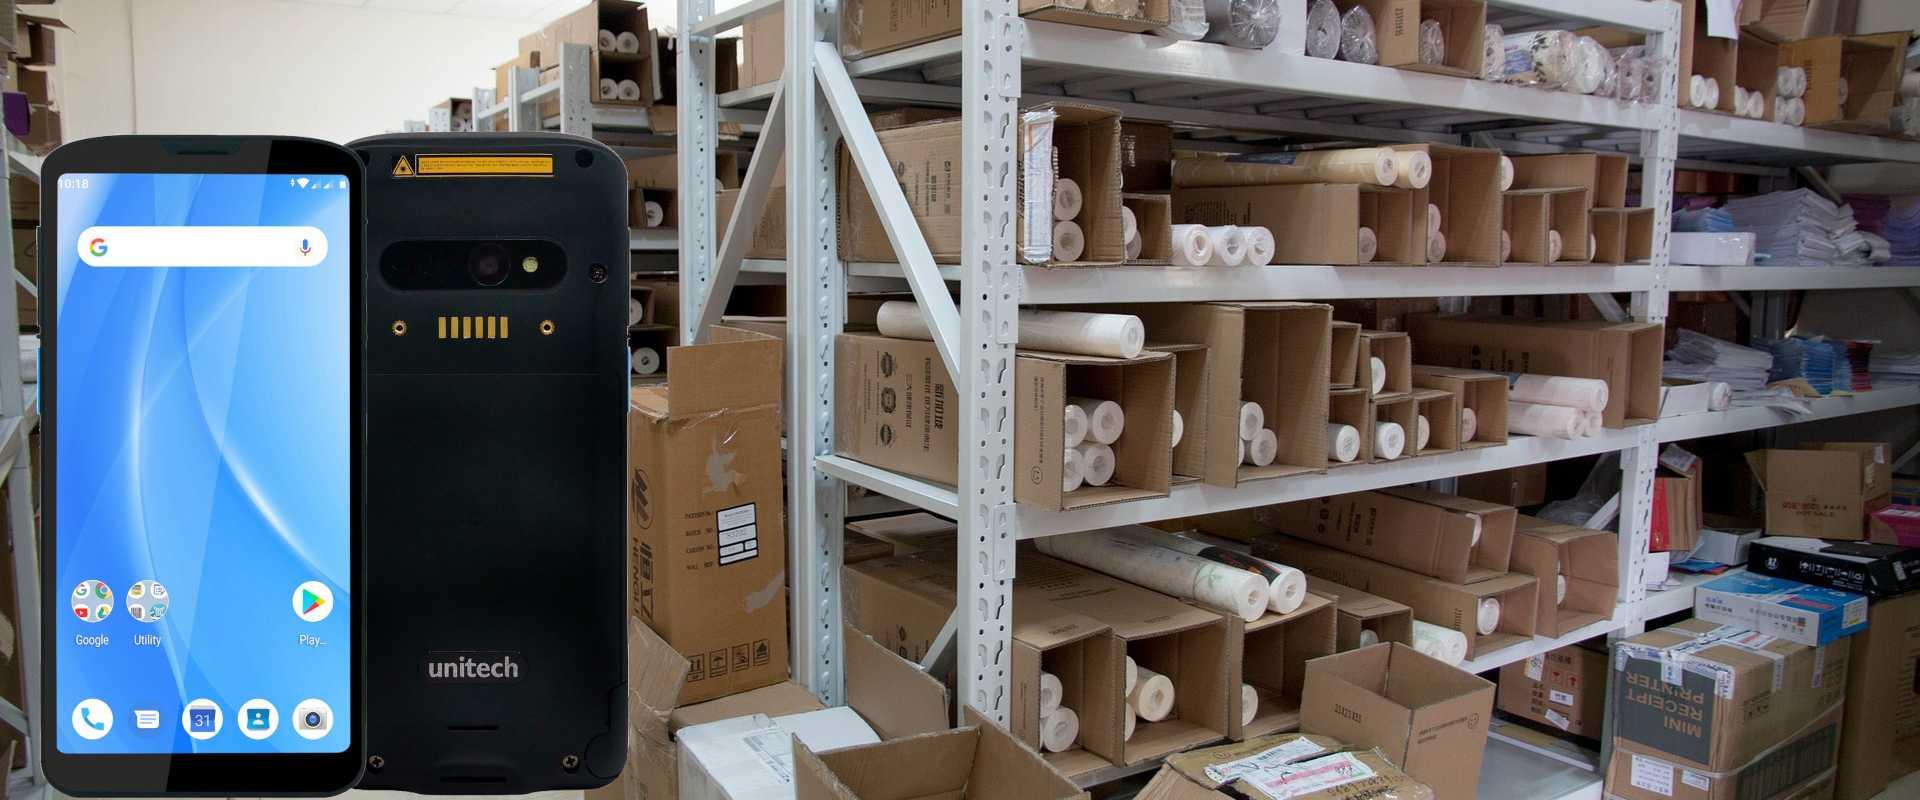 Lagermodernisierung mit dem Unitech EA630